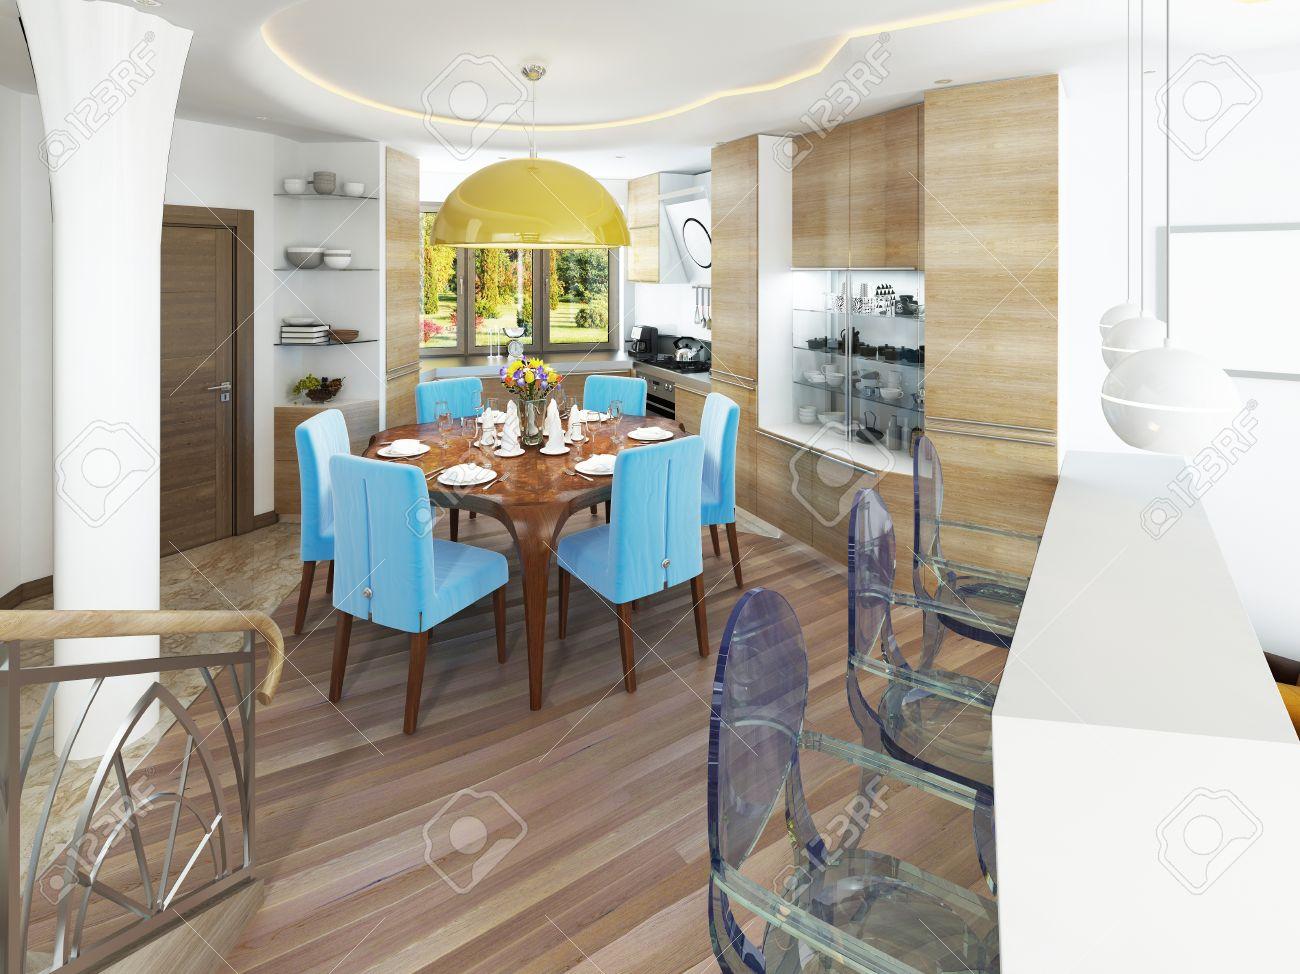 Moderne Esszimmer Kronleuchter ~ Moderne esszimmer mit küche in einem trendigen stil kitsch runder